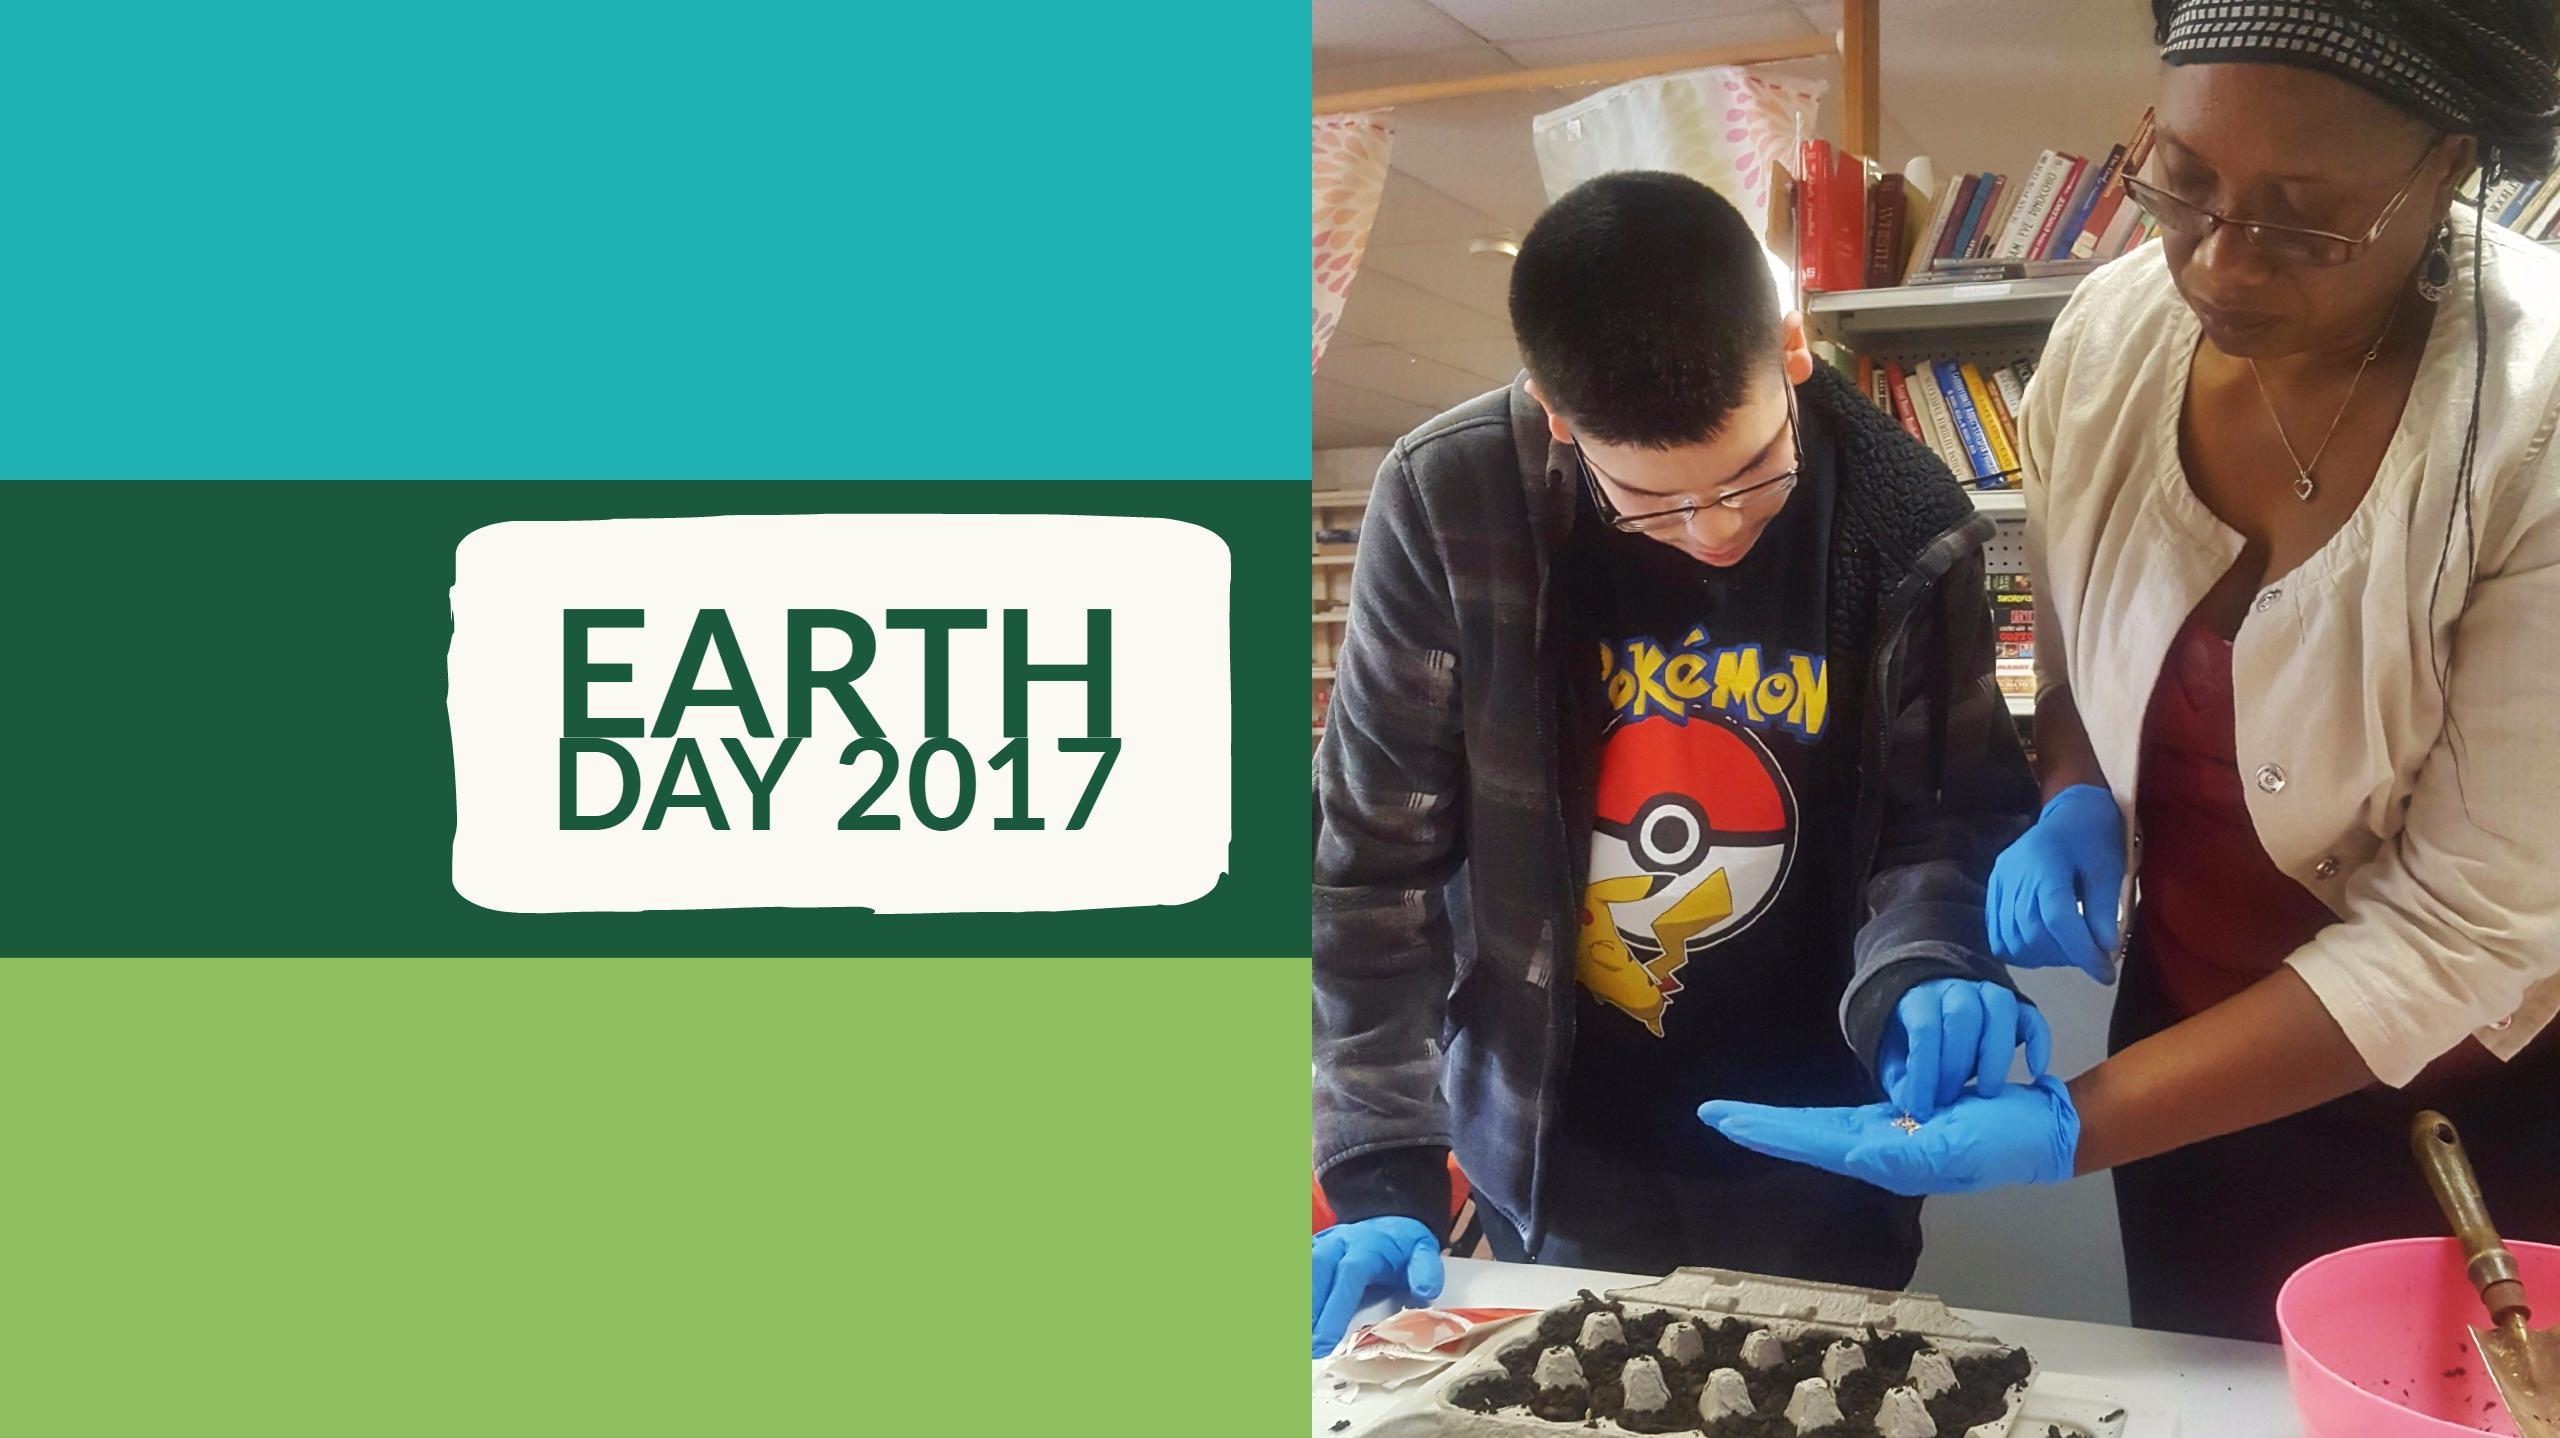 #EarthDay2017